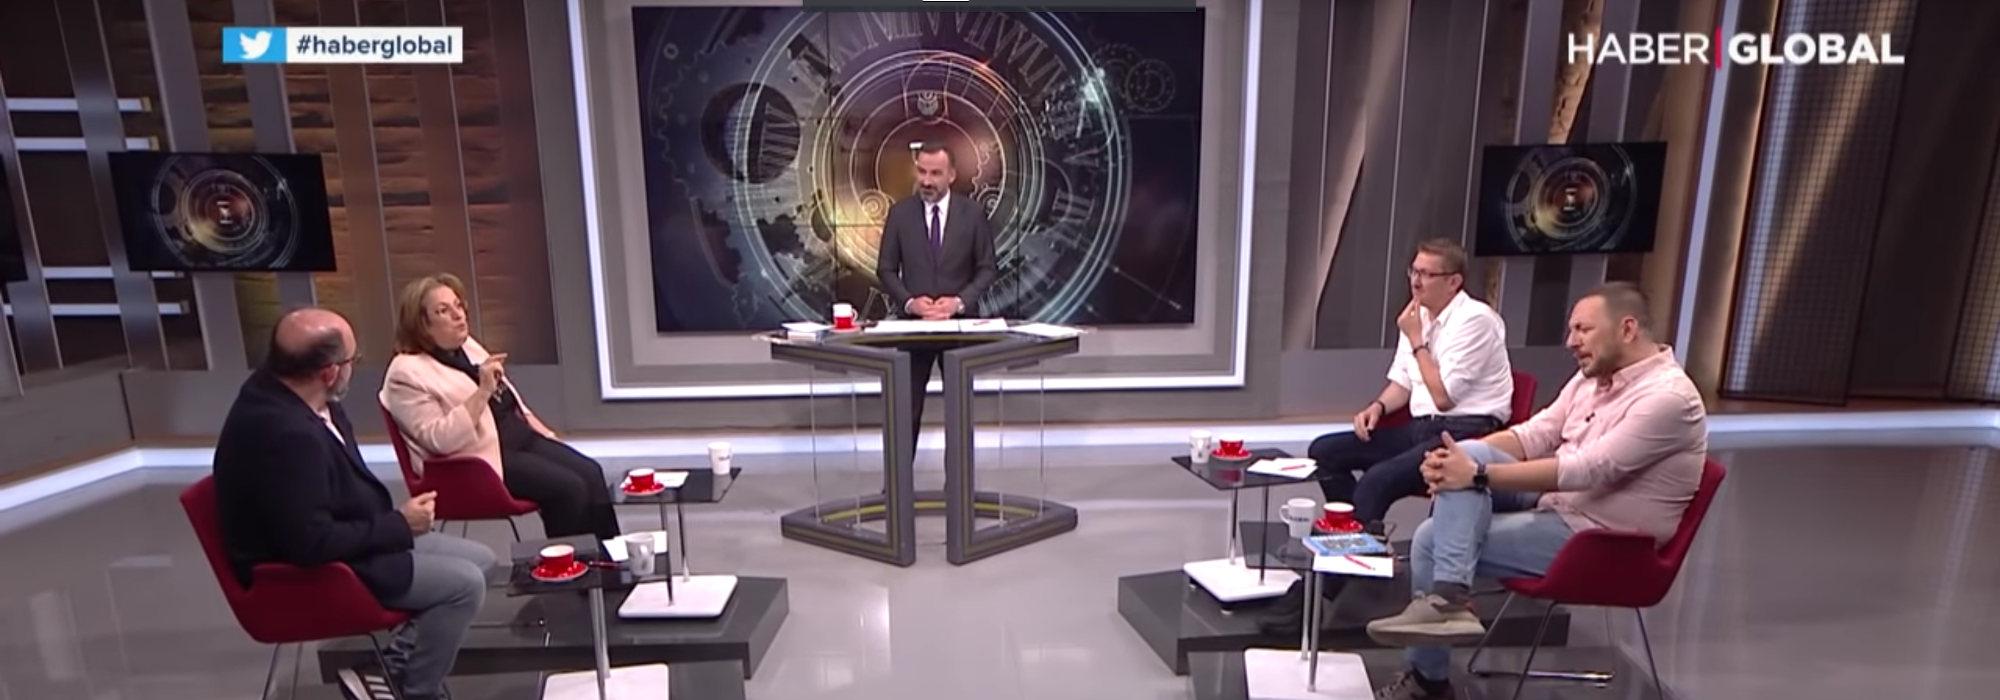 Haber Global Tv Başka Gündem – Kara Delikler ve Zamanda Yolculuk